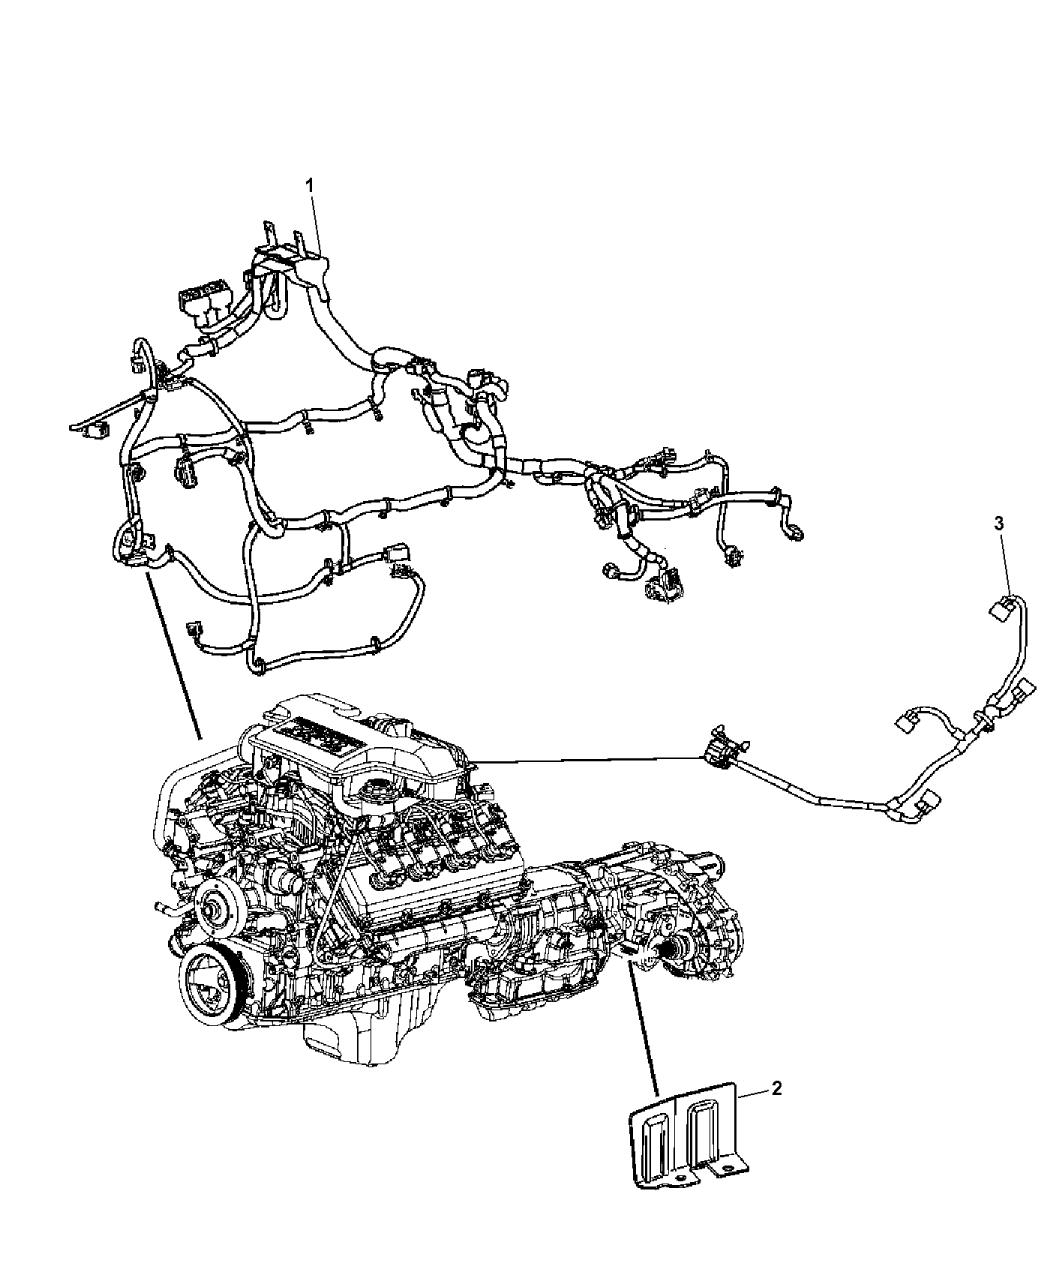 2007 Chrysler Aspen Wiring - Engine